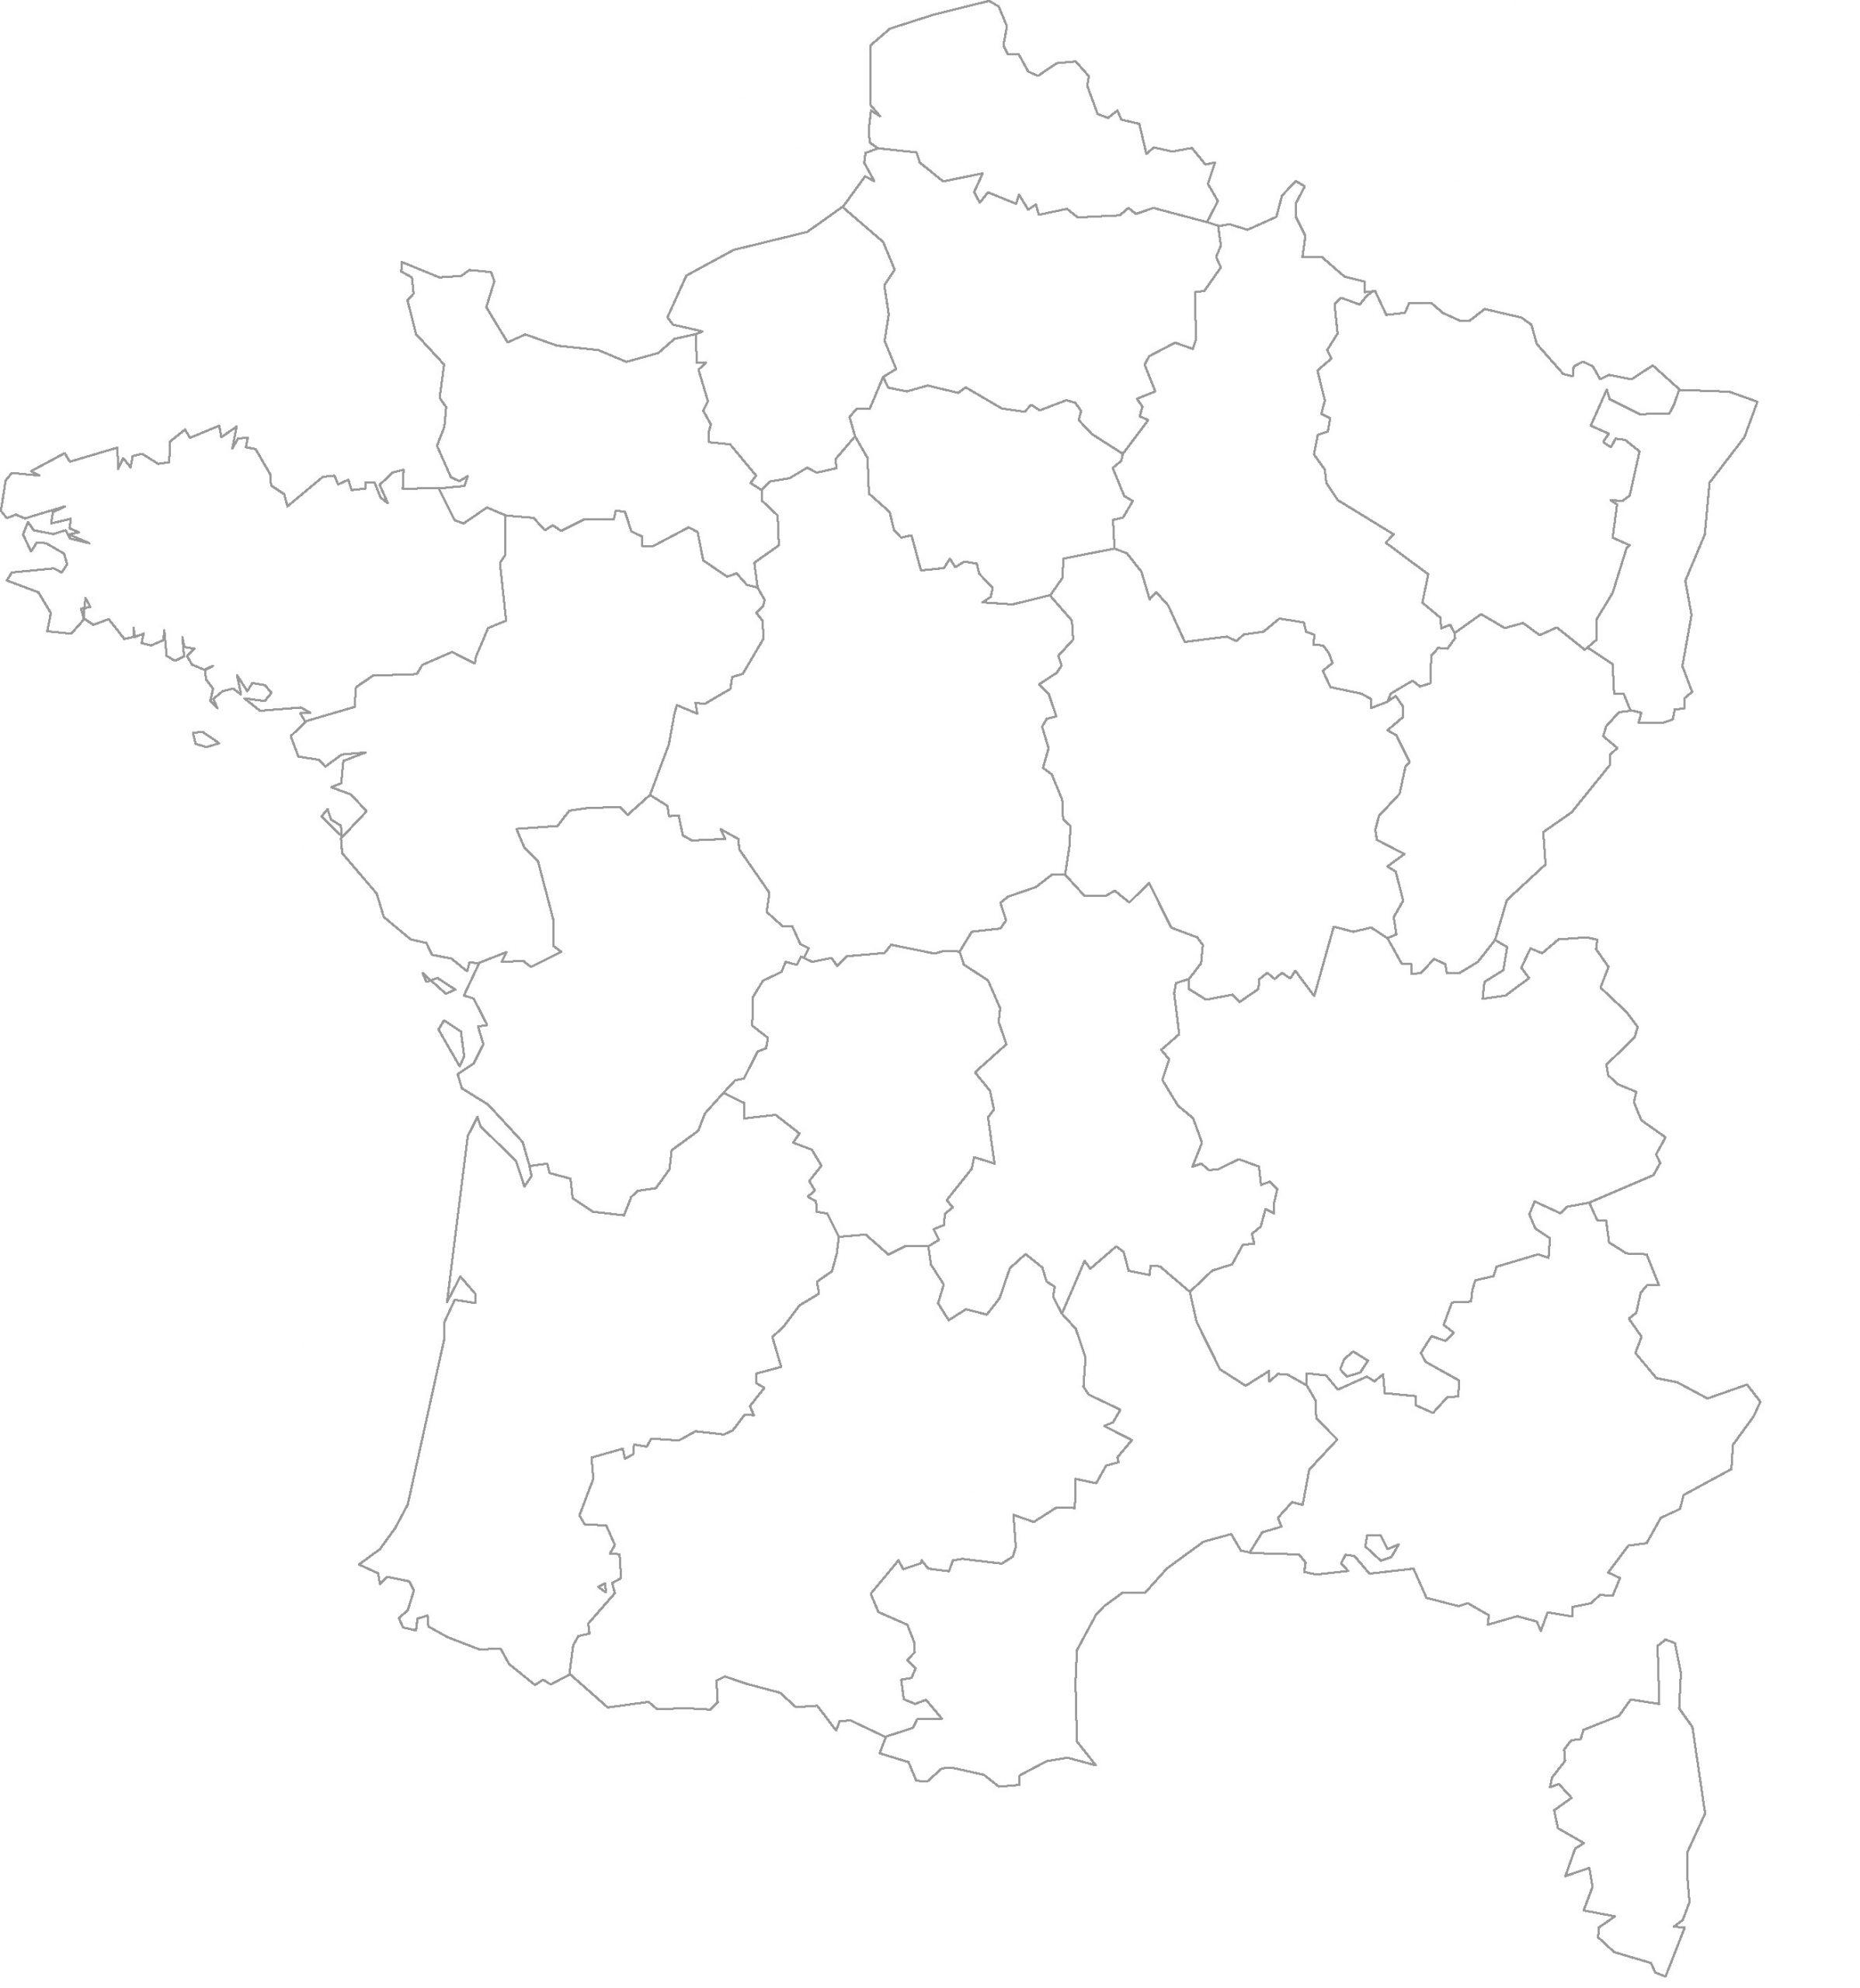 Cartes Vierges De La France À Imprimer - Chroniques dedans Carte De France Région Vierge